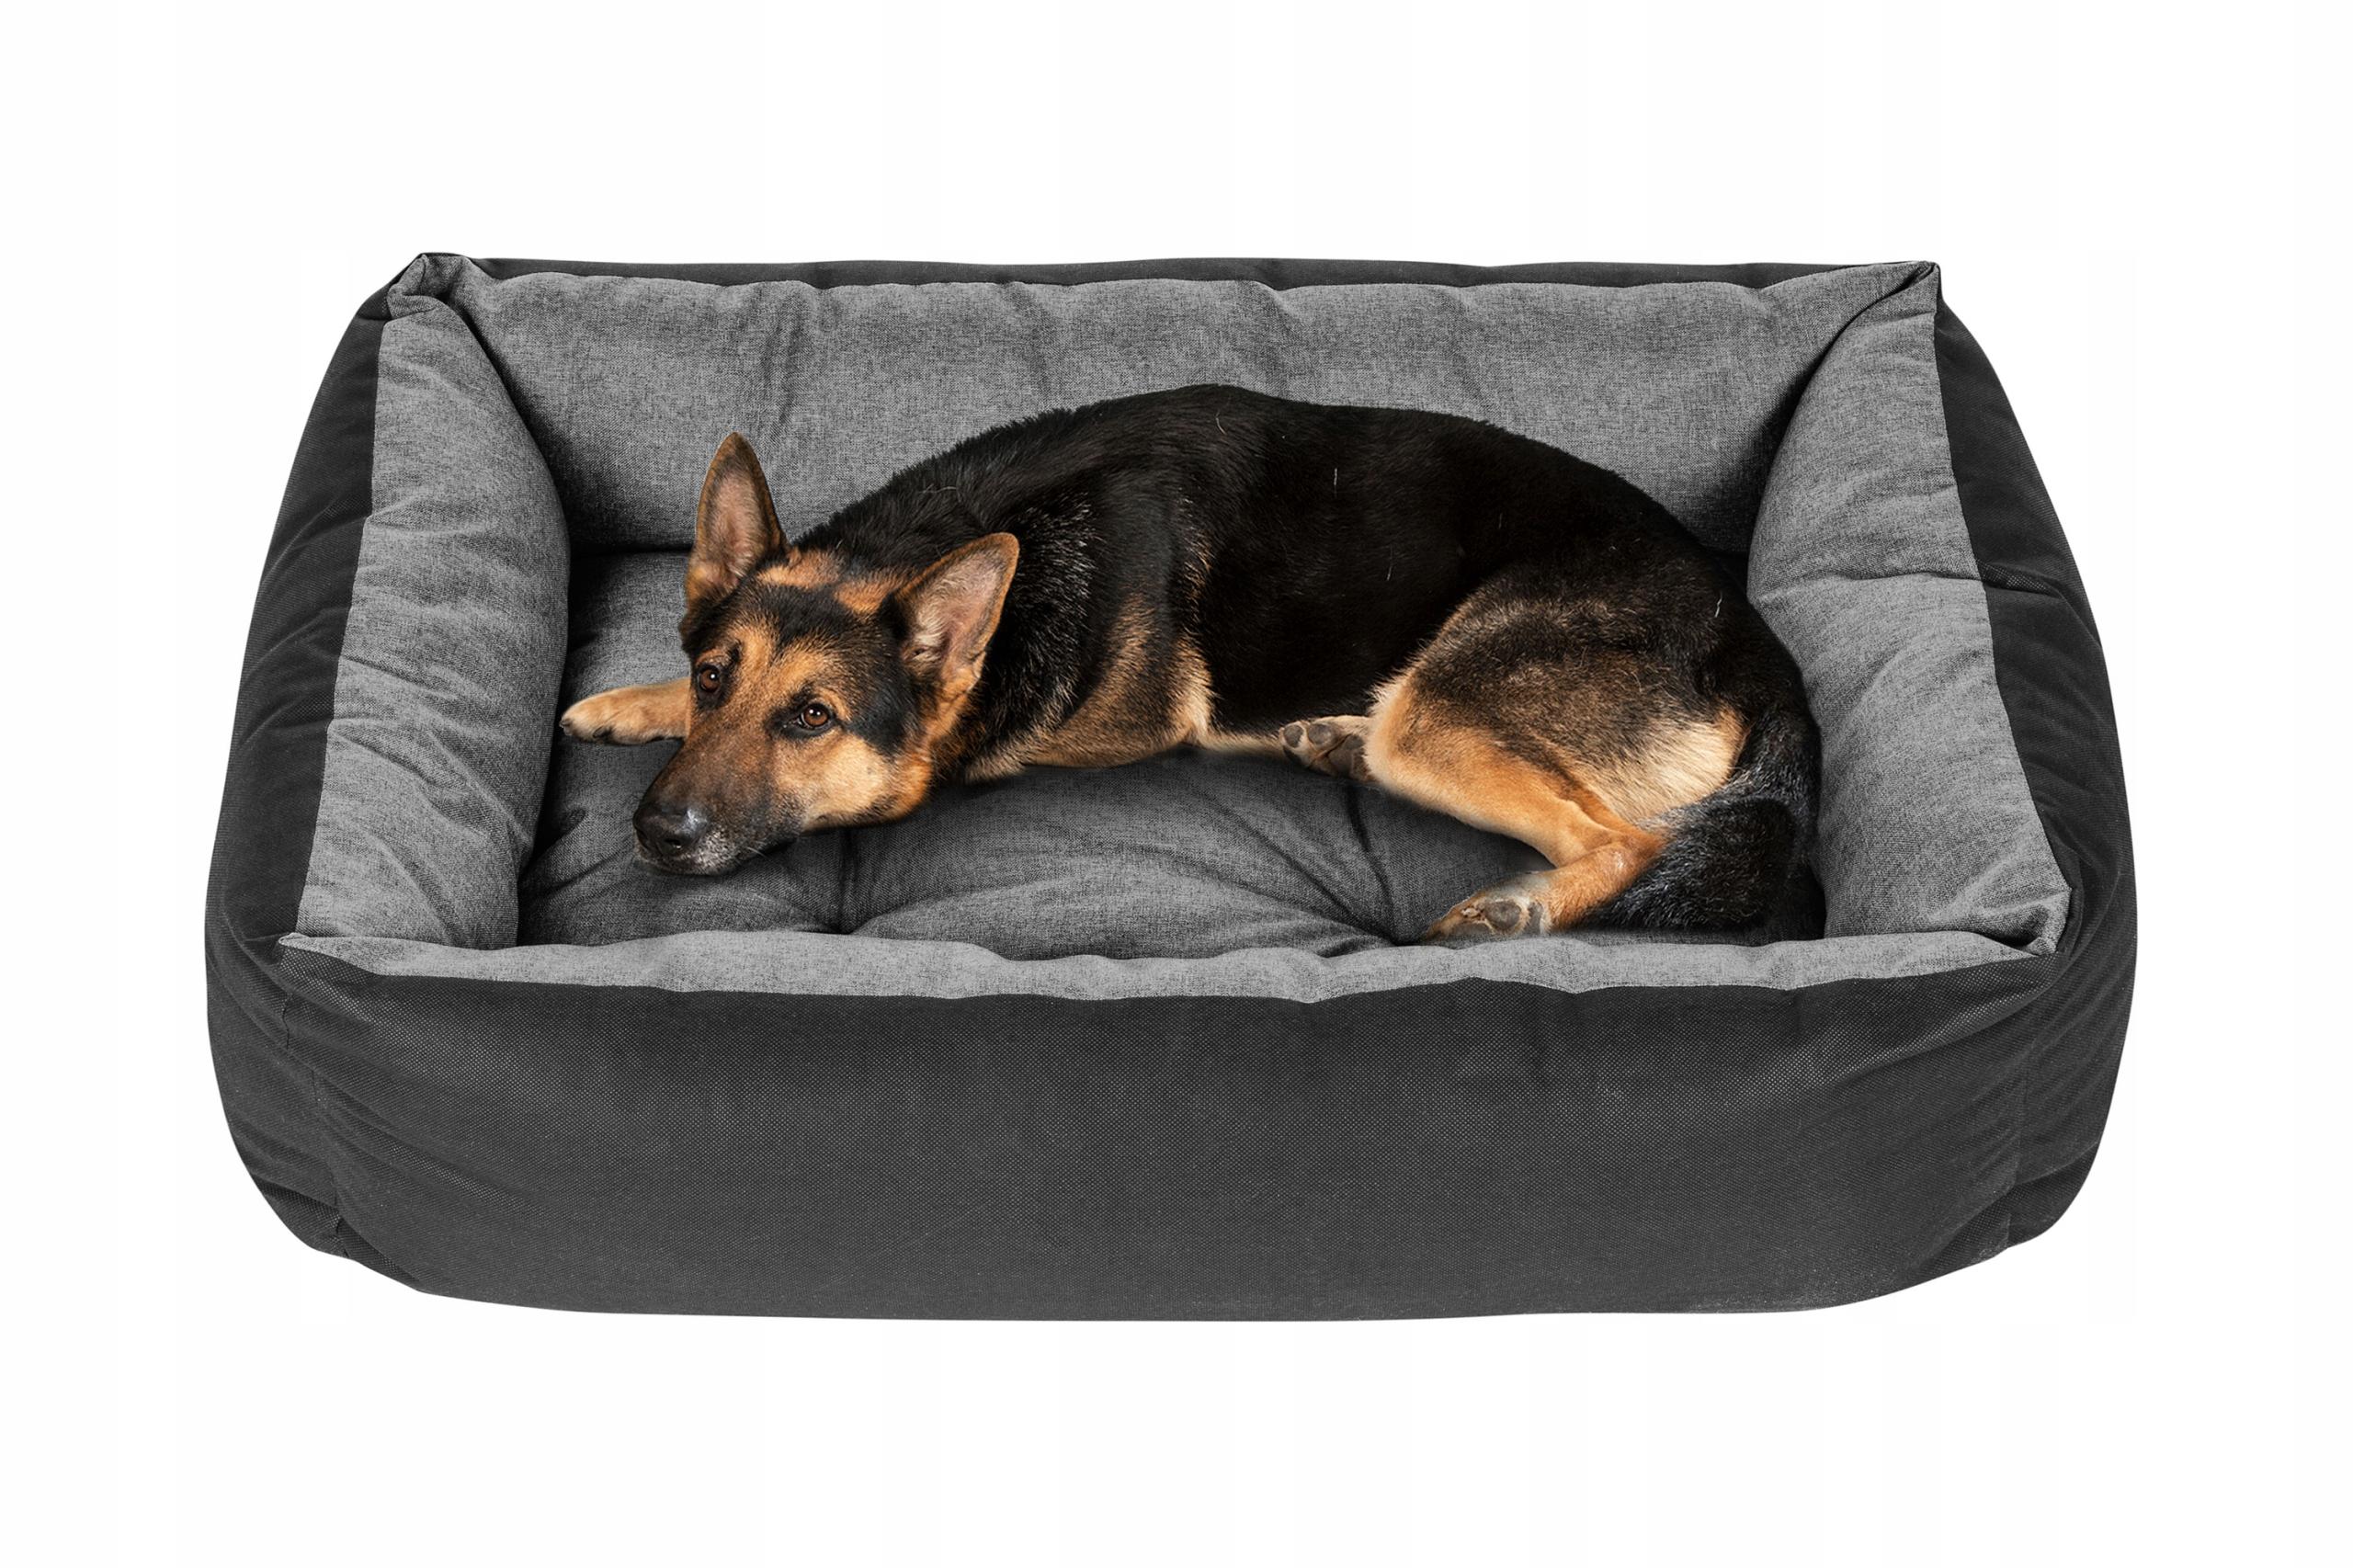 Кровать для собаки 120x90 LEN водонепроницаемый!